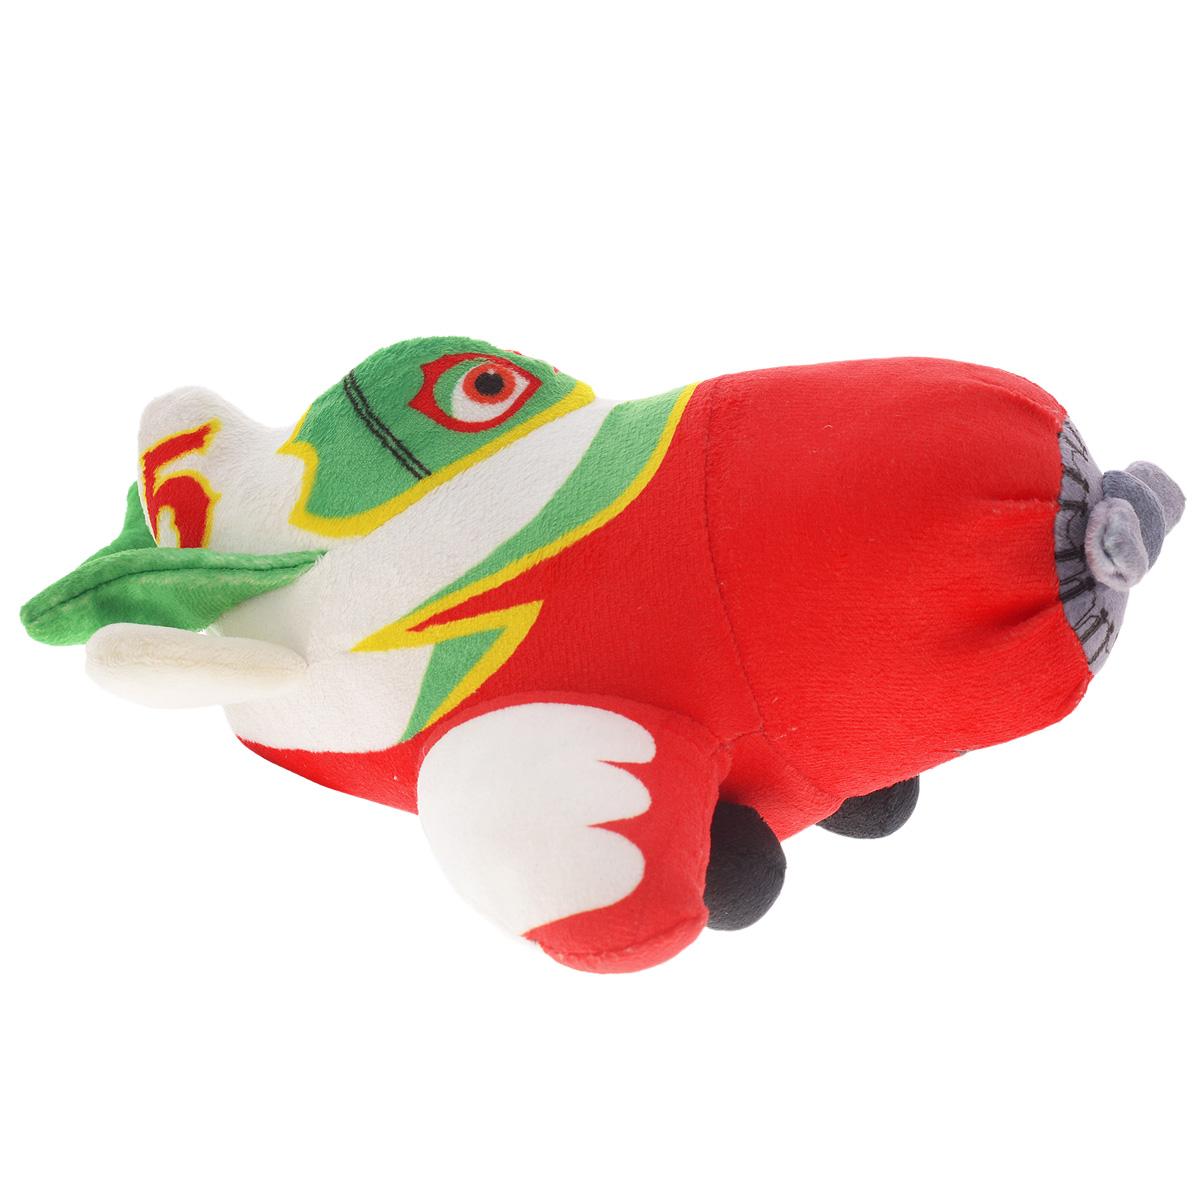 Мягкая озвученная игрушка Planes Эль Чупакабра, 22 смK33043A2Мягкая озвученная игрушка Planes Эль Чупакабра приведет в восторг вашего ребенка. Яркая игрушка, выполненная из приятного на ощупь плюшевого материала, является точной копией героя мультфильма Самолеты. В игрушку встроен чип, который позволяет произносить множество фраз оригинальным голосом персонажа на русском языке и звук мотора. Необходимо просто нажать на крыло самолета и вы услышите такие фразы: Я научу тебя летать, Нас с тобой ждет много приключений, Увидимся в небе, Амиго,  Привет, я Эль Чупакабра, Внимание сеньоры и сеньориты. Данная игрушка способствует развитию воображения и тактильной чувствительности у детей. Ваш ребенок часами будет играть с моделью, придумывая различные истории. Порадуйте его таким замечательным подарком. Игрушка работает от незаменяемой батарейки типа LR6/AA.